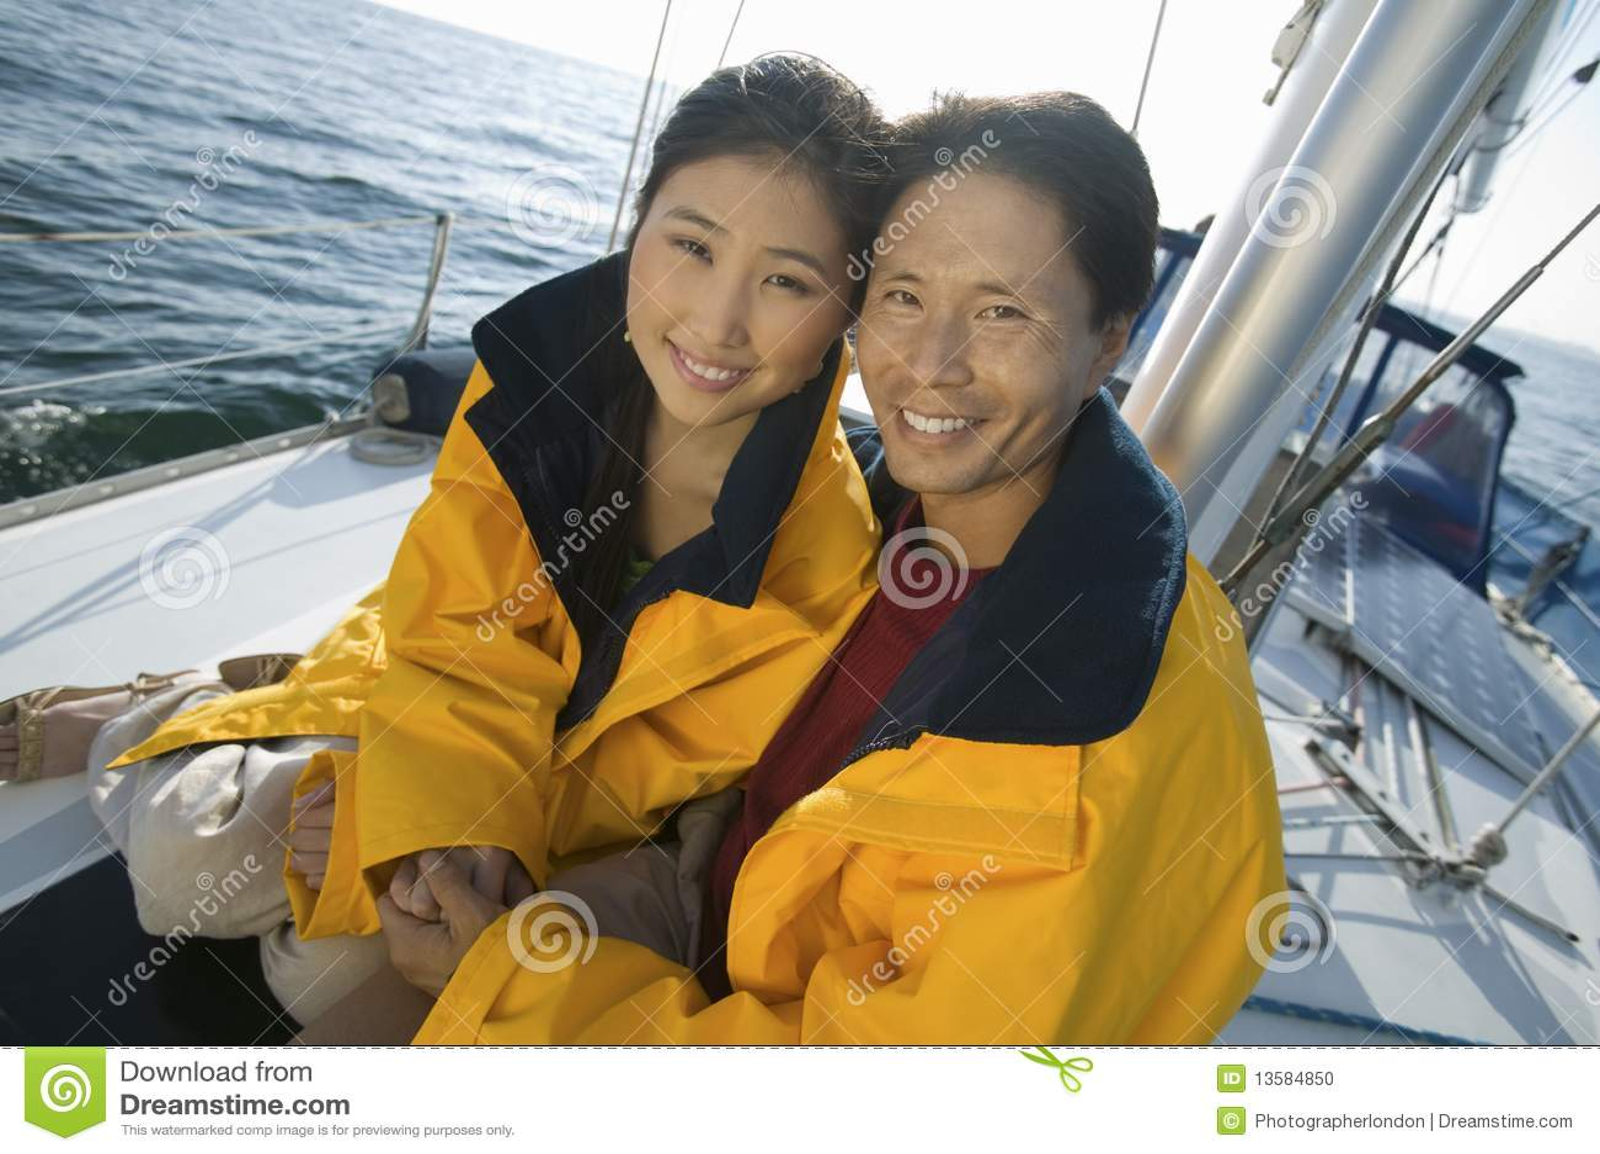 A Le Fotografia Portano Vento Coppie Gialle Giacche Che Sull'yacht wTIHEqR